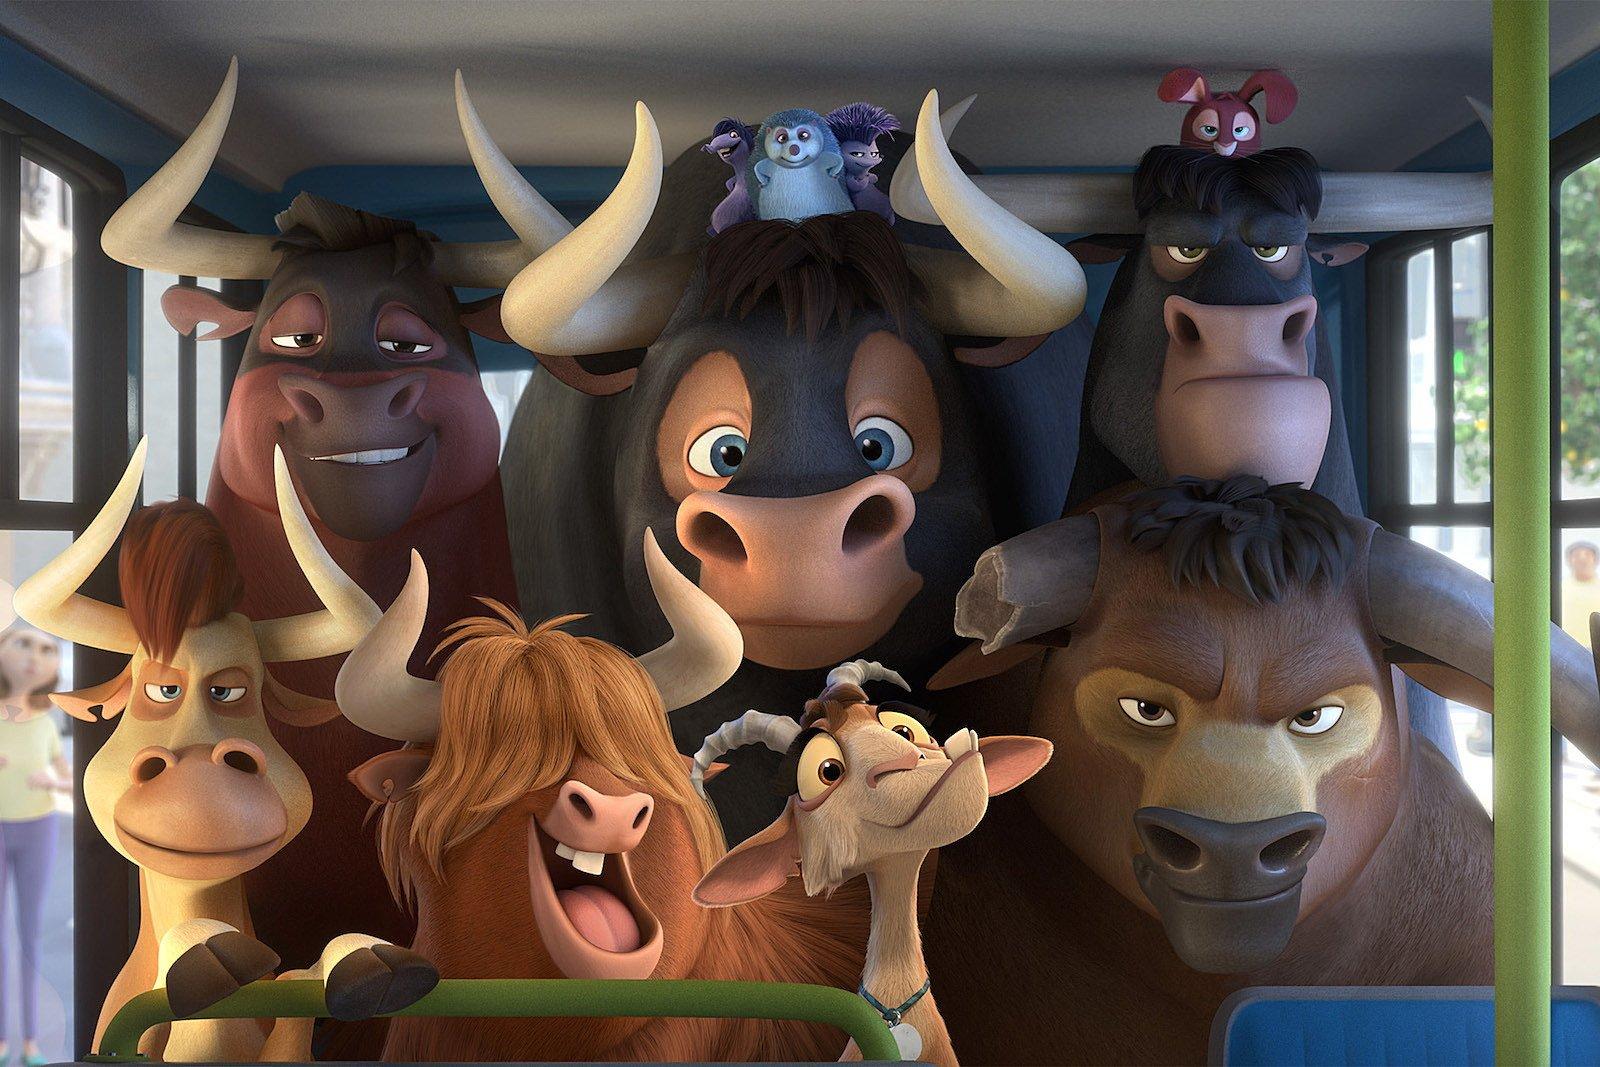 фотографии быков мульт она впервые появилась